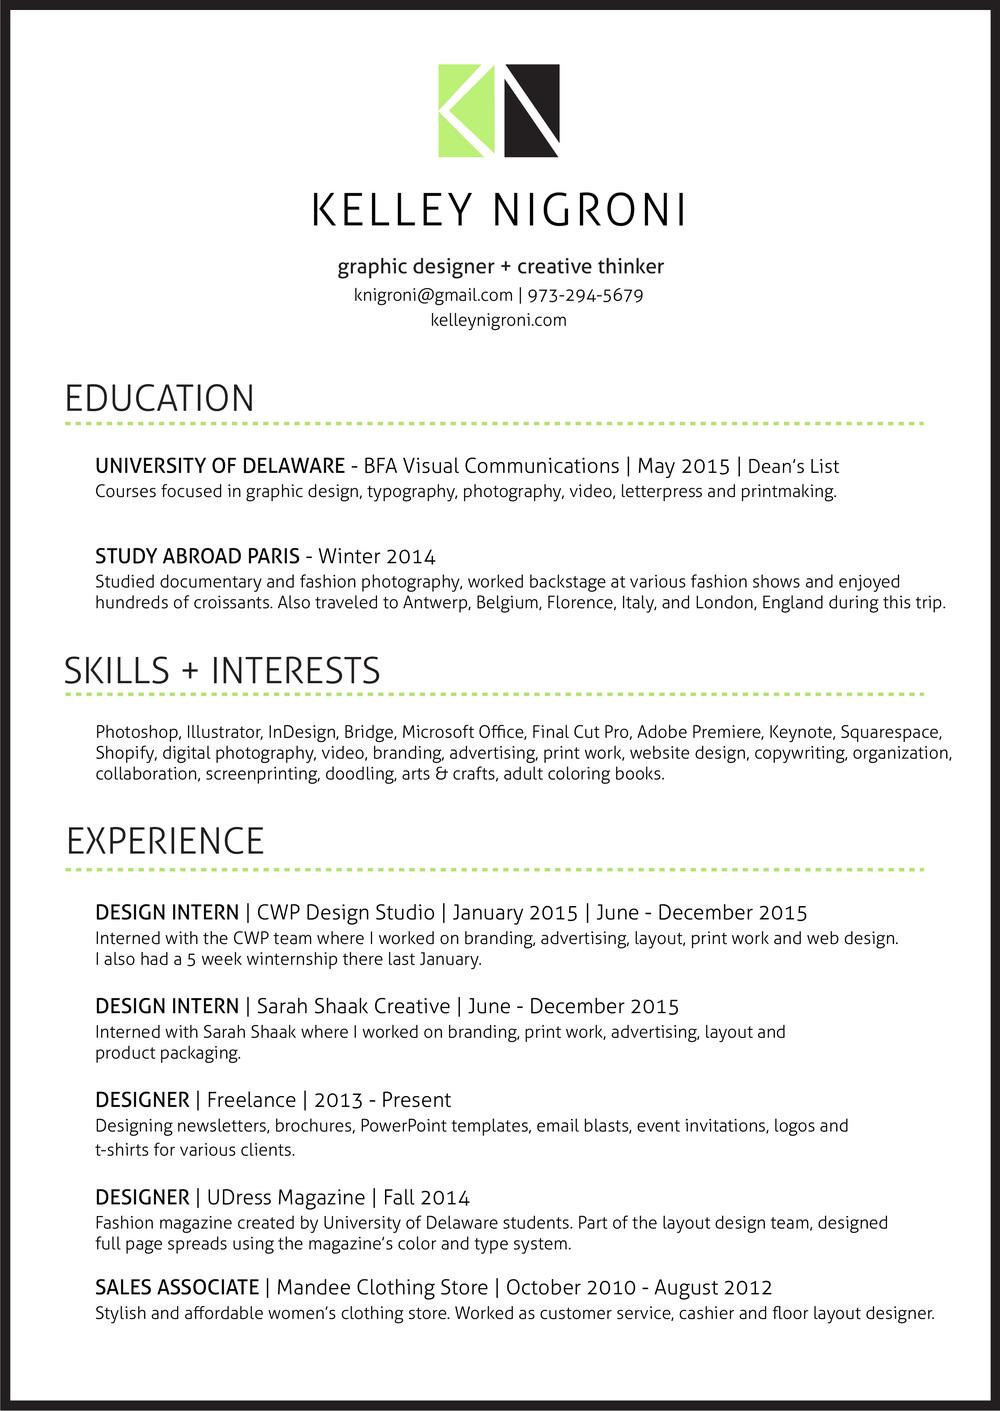 Résumé — Kelley Nigroni